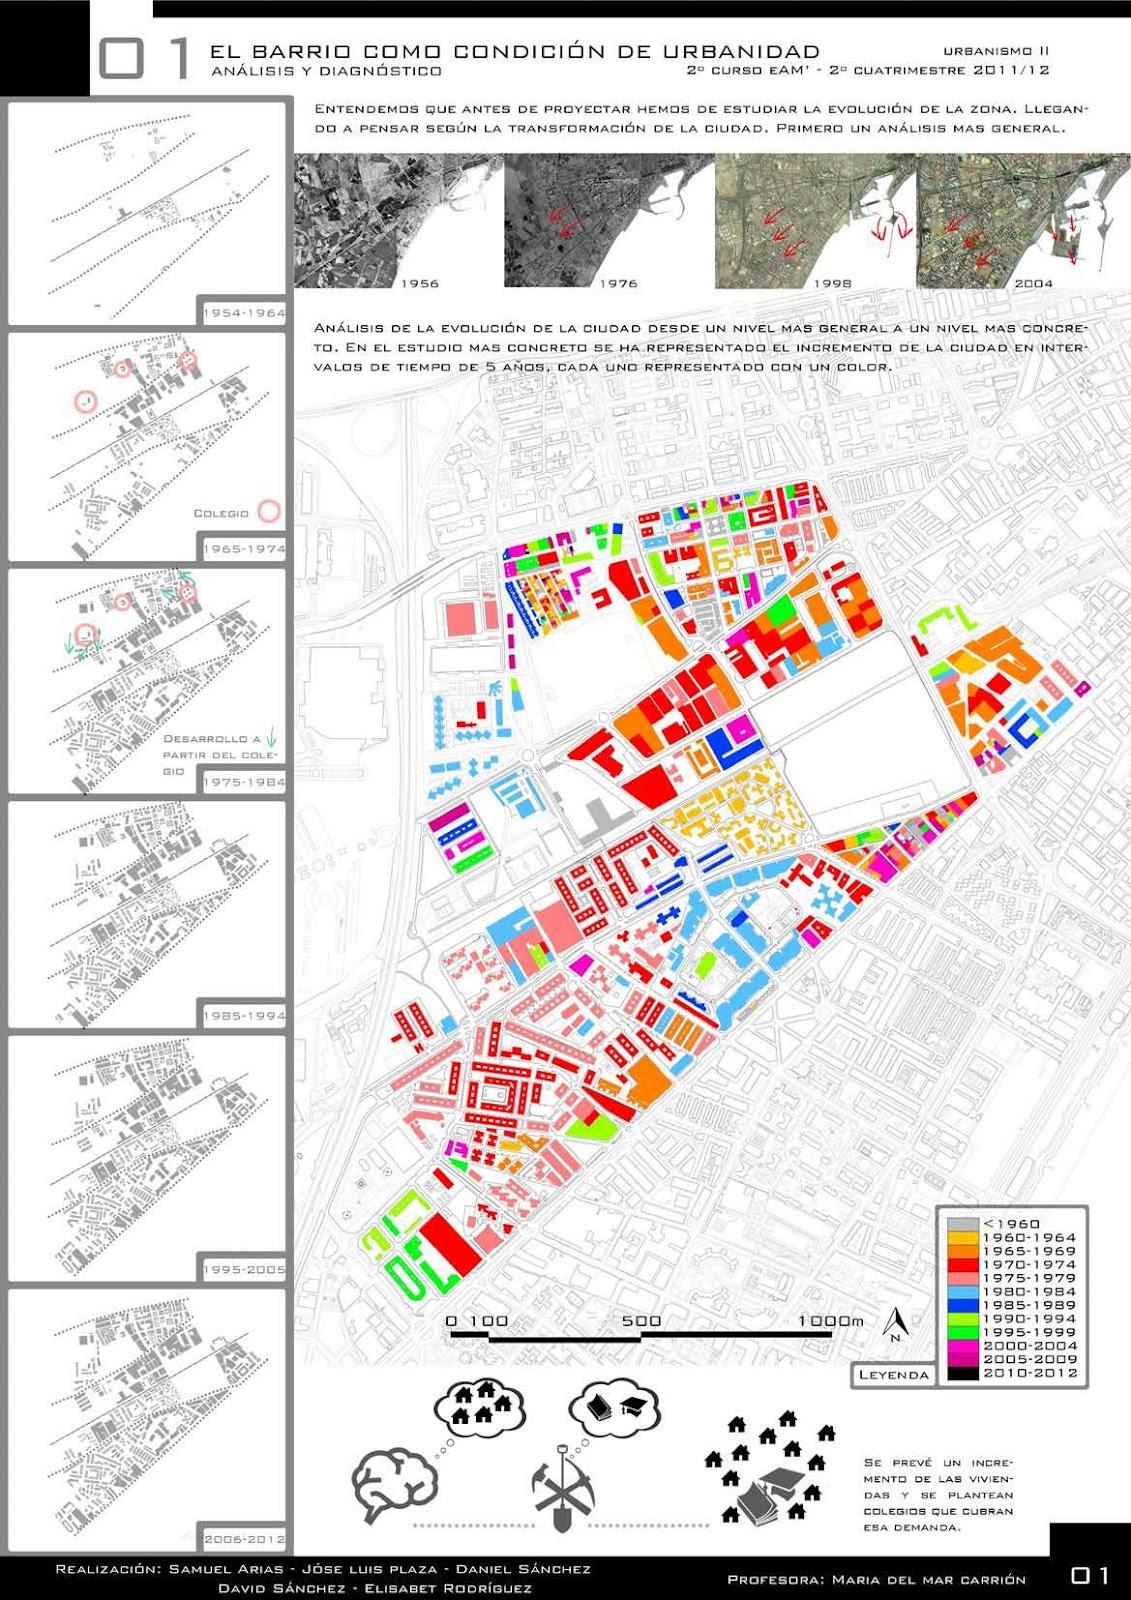 Sk studio u2 barrios habitables analisis distritos 6 y 7 de m laga 01 02 - Ets arquitectura malaga ...